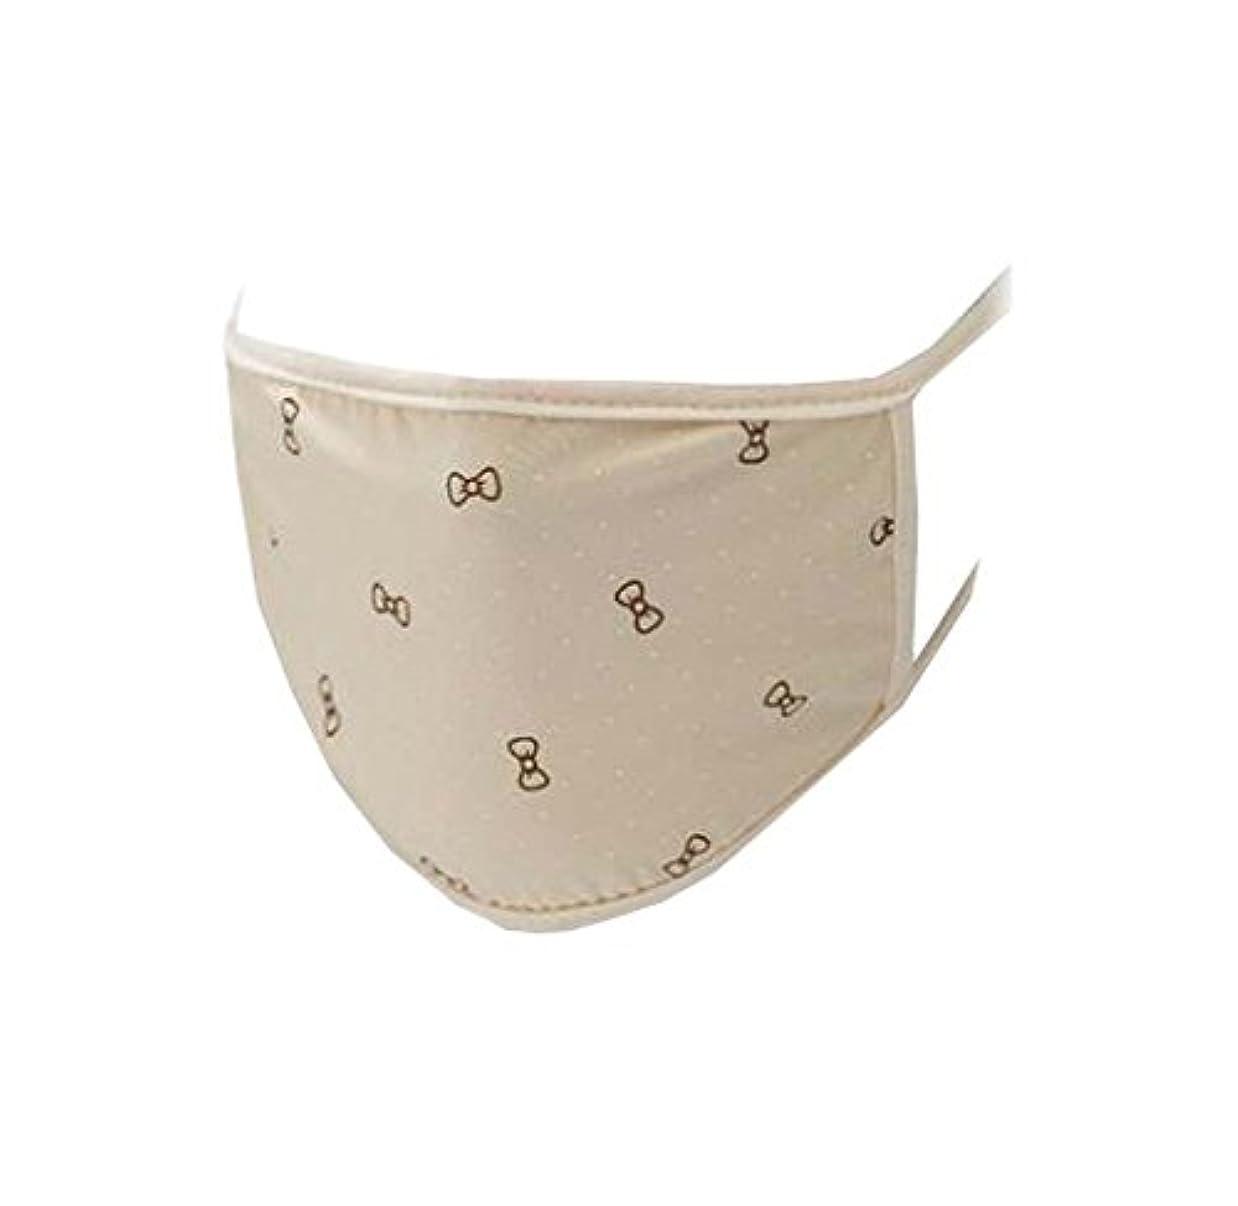 現れる不可能な子音口マスク、再使用可能フィルター - 埃、花粉、アレルゲン、抗UV、およびインフルエンザ菌 - B